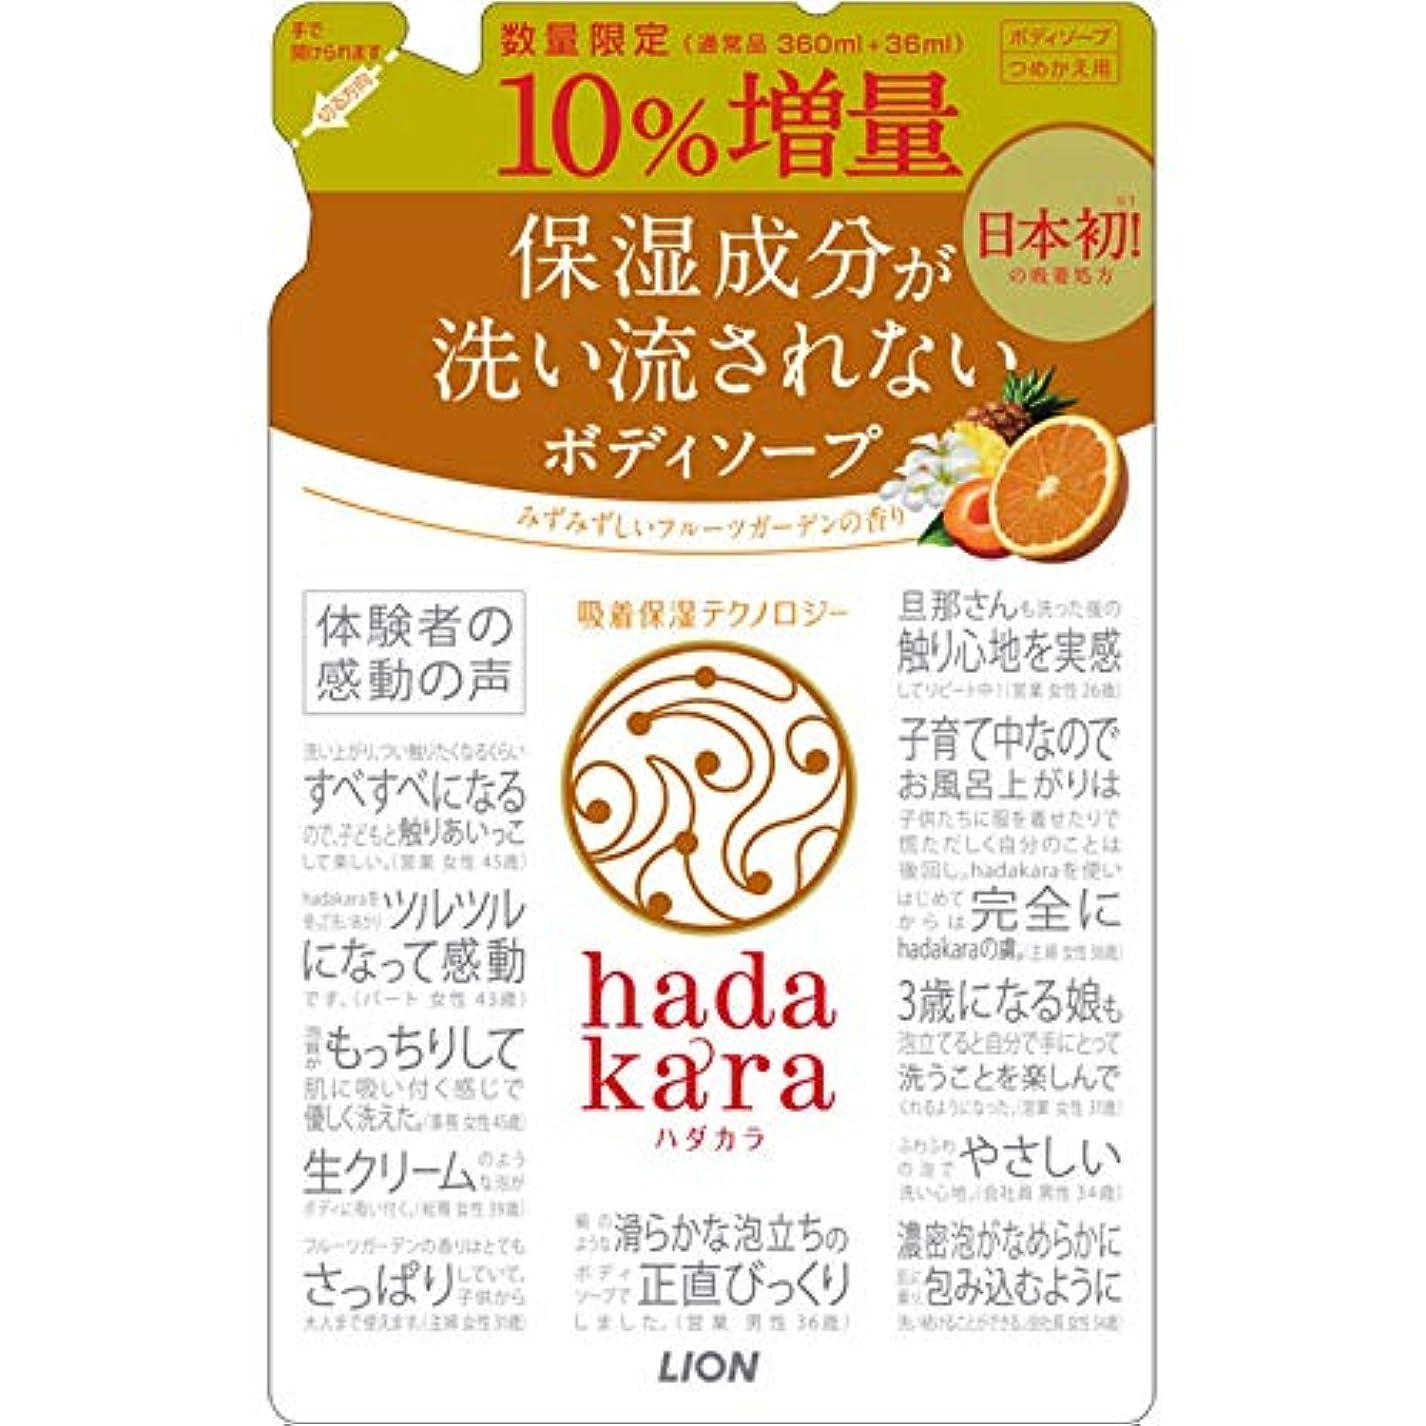 赤予報プレゼンター【数量限定】hadakara(ハダカラ) ボディソープ フルーツガーデンの香り つめかえ用 10%増量 396ml